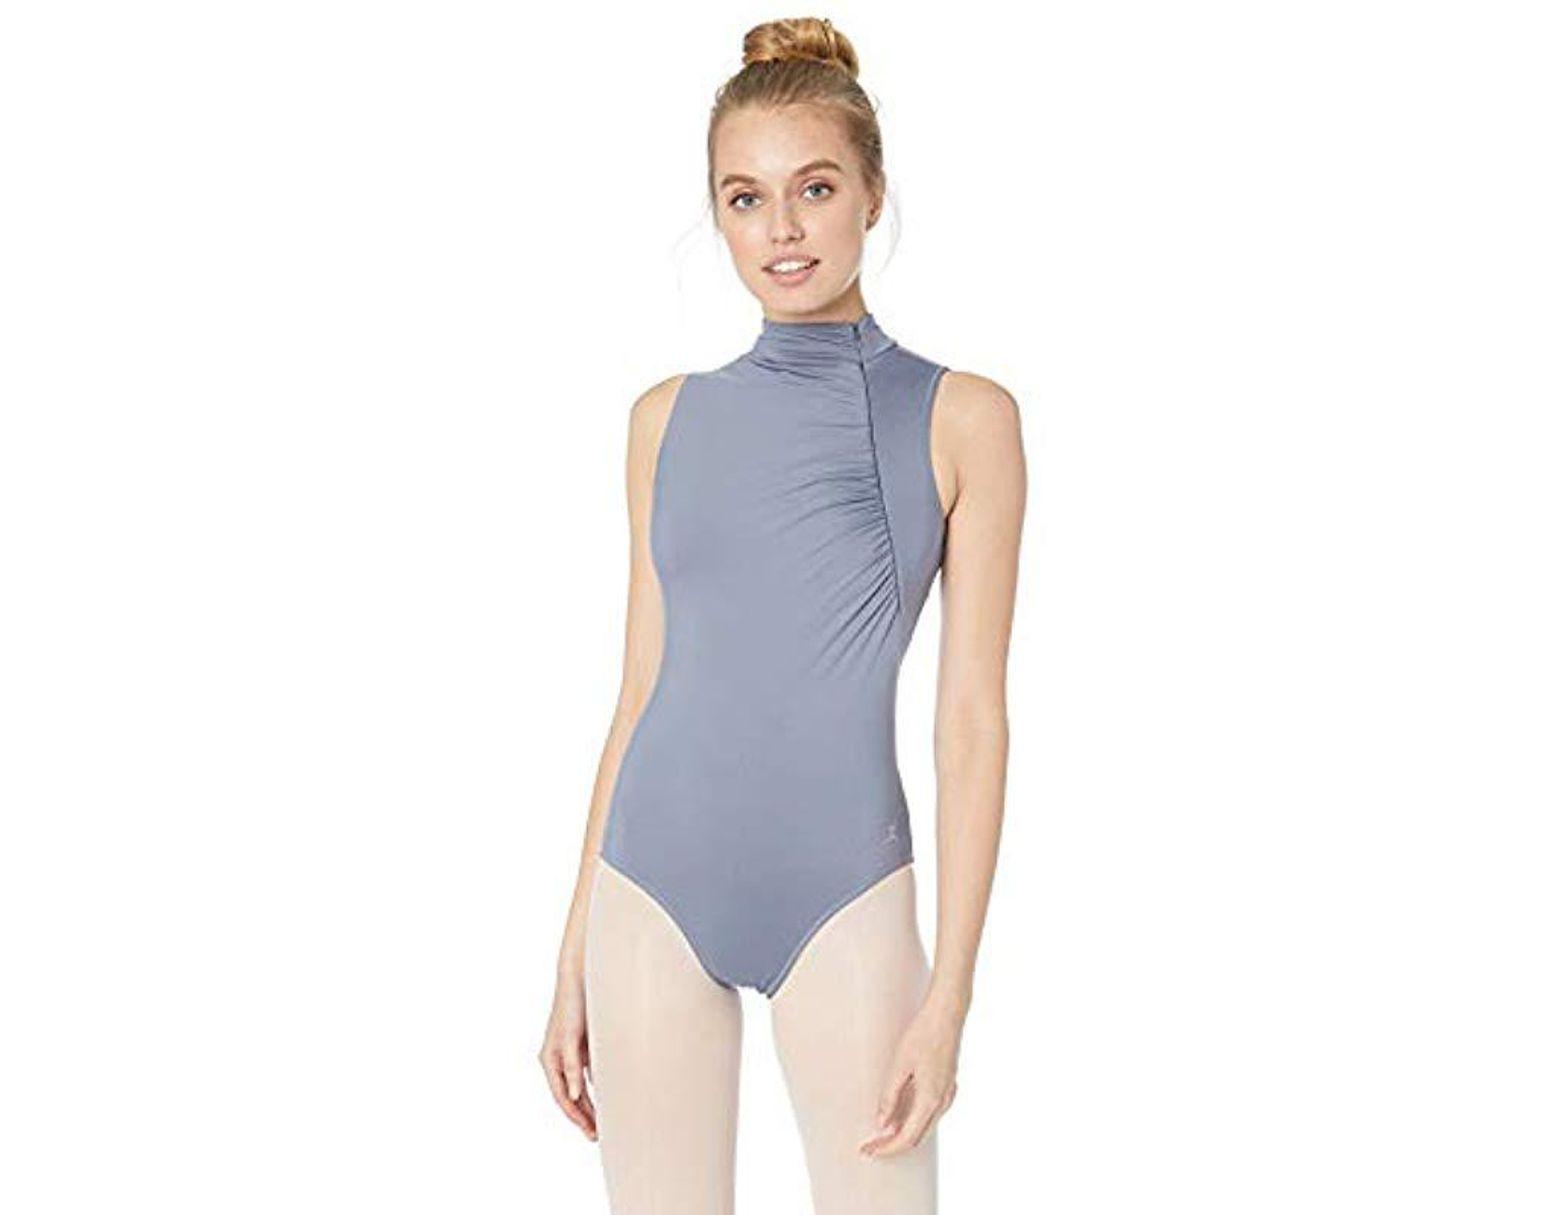 a10a847523387 Women's Gray Zipper Neck Leotard